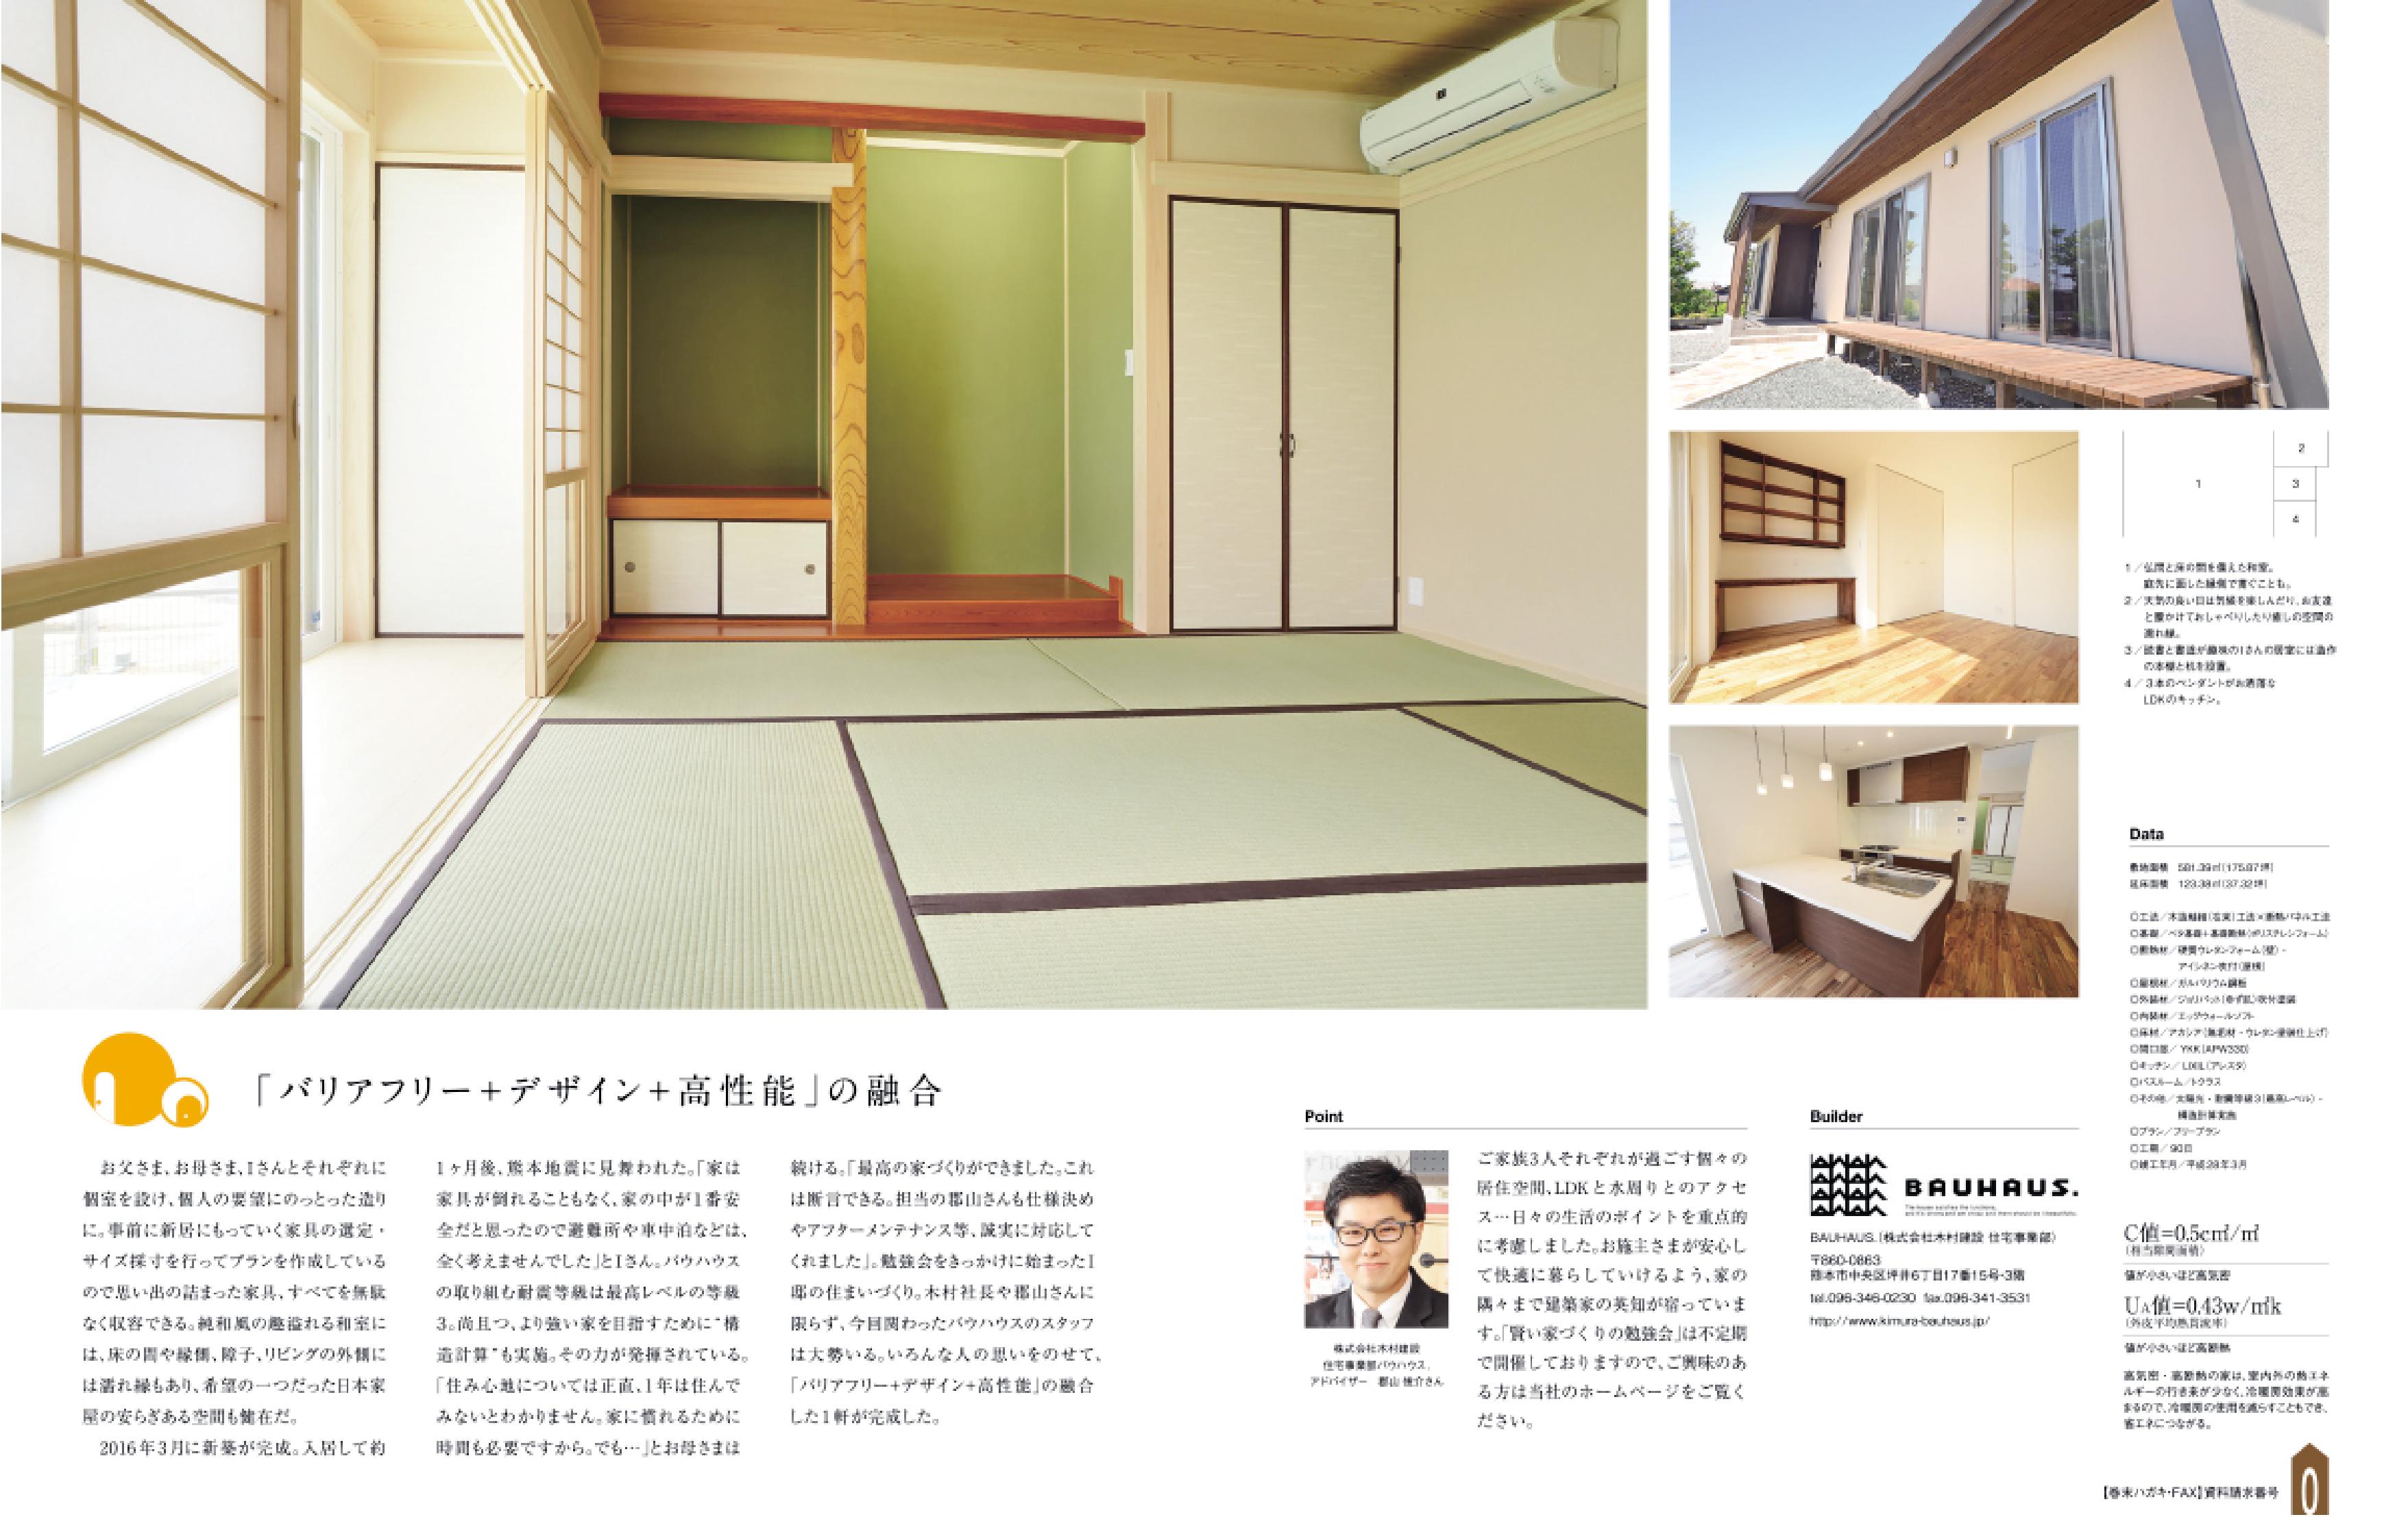 「住まいの提案、熊本。vol.12」4